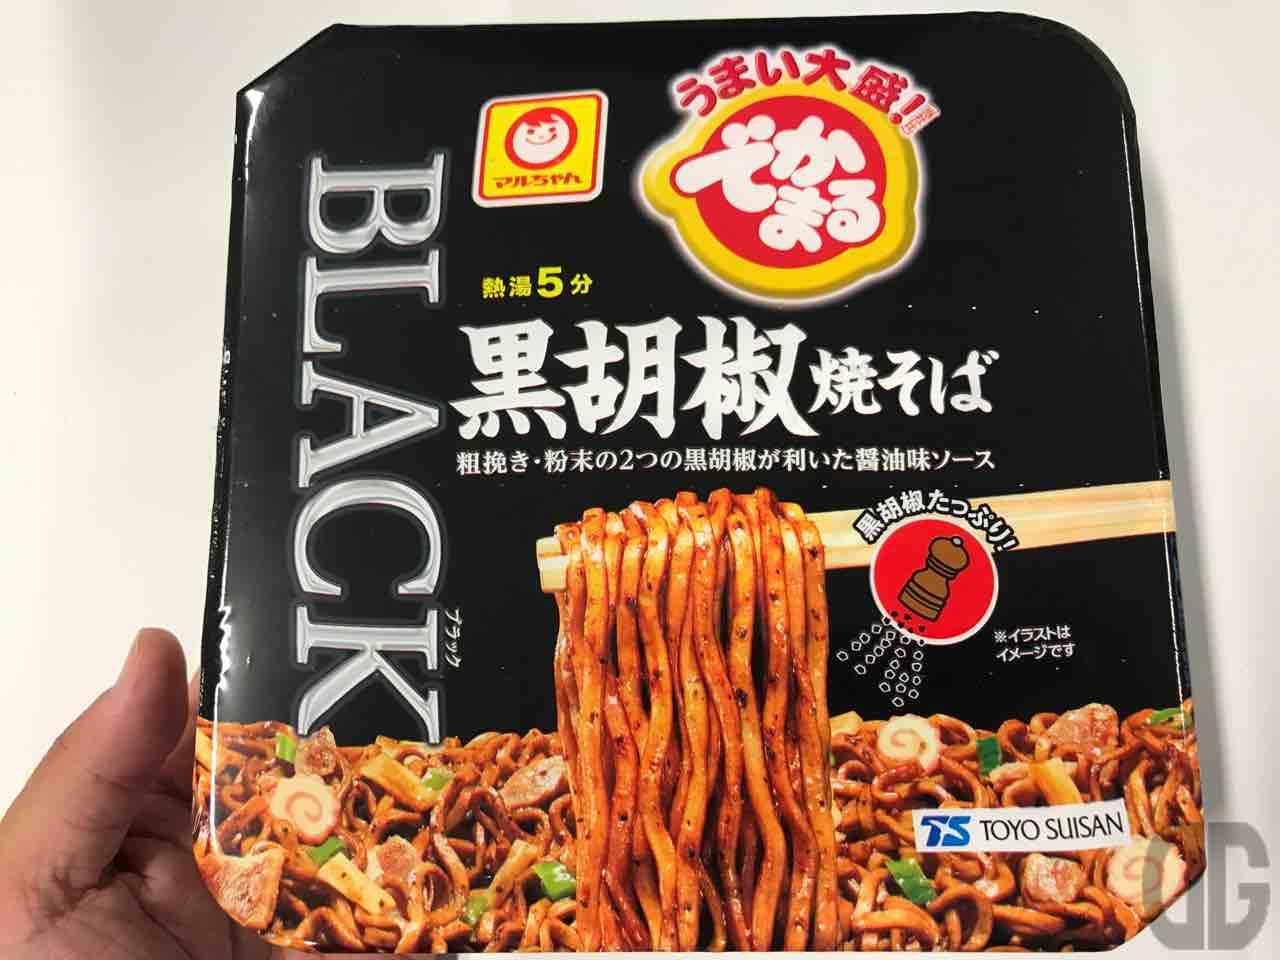 マルちゃんでかまる黒胡椒焼きそば。そのパッケージに引かれて購入。トウガラシとは違うコショウ辛さもまたイイ!!